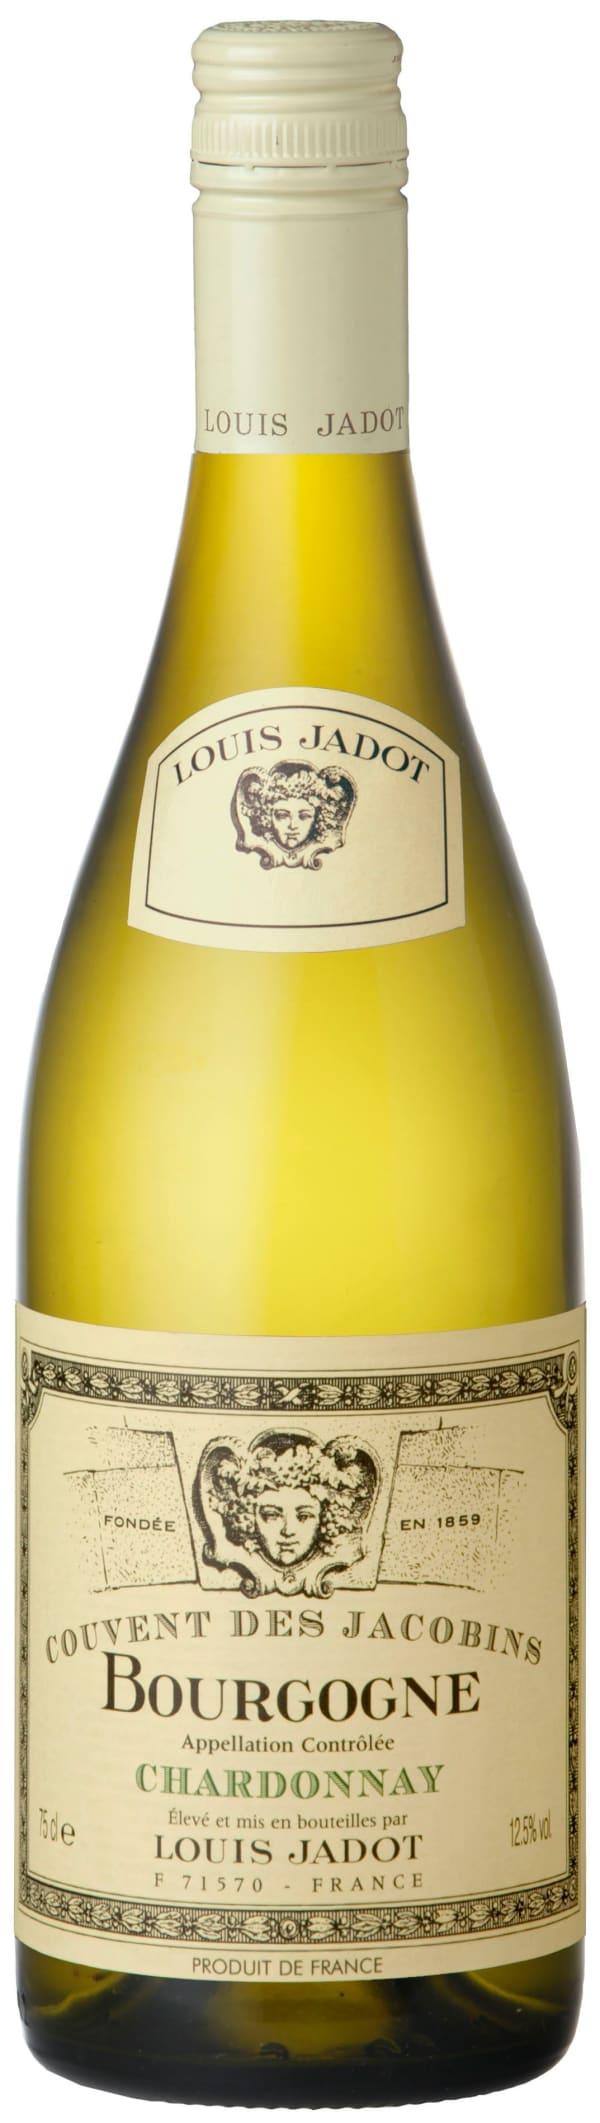 Louis Jadot Couvent des Jacobins Chardonnay 2019